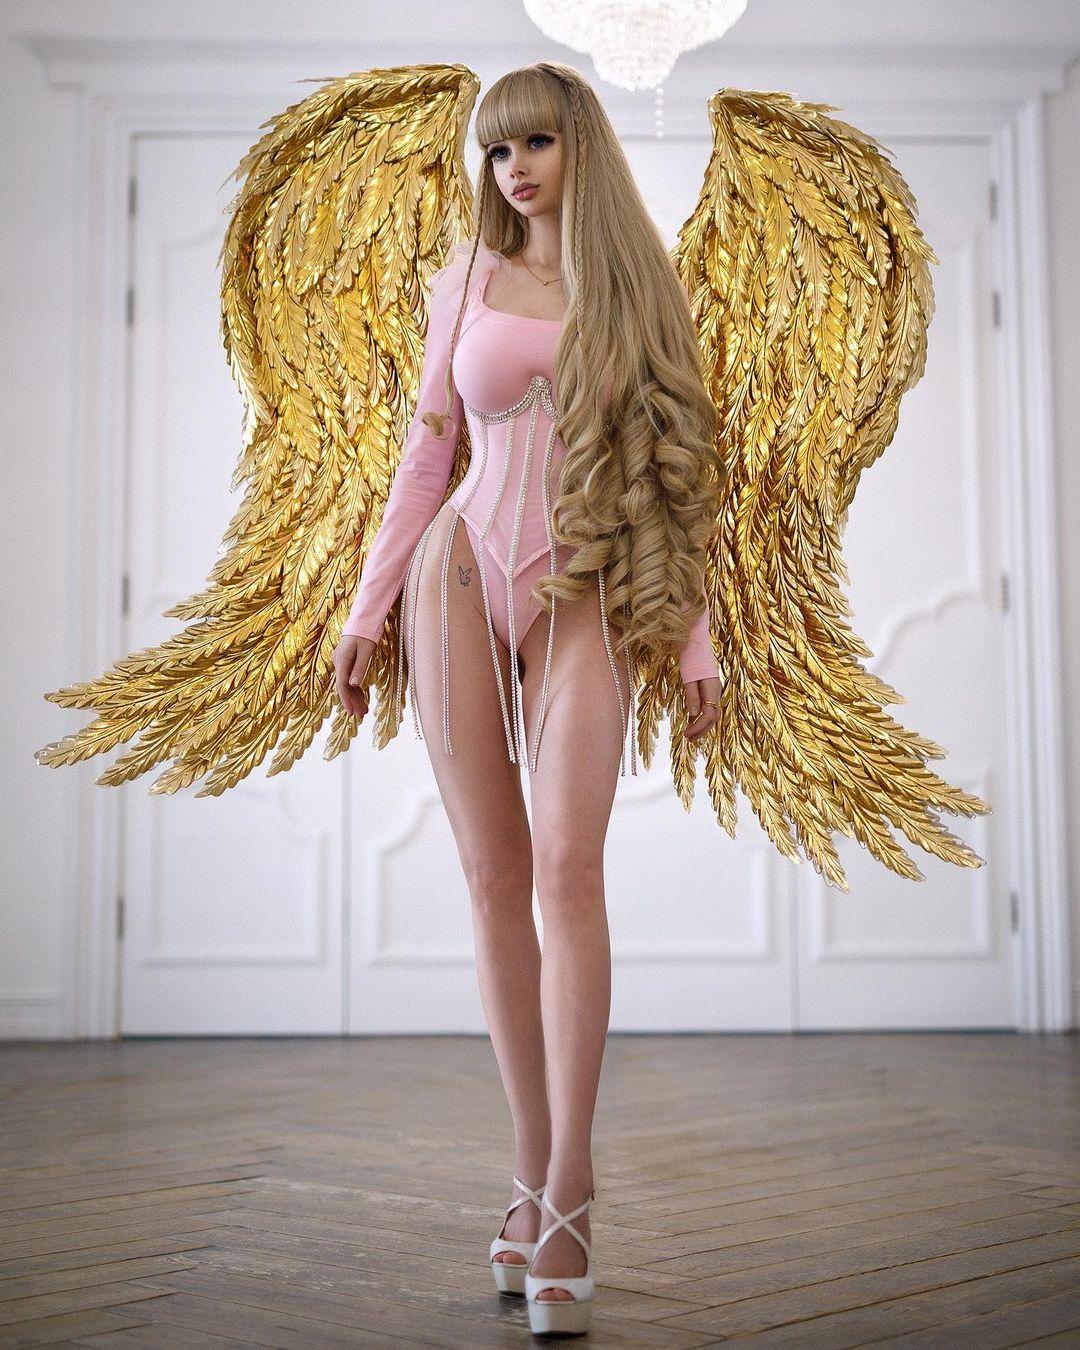 Angelica Kenova (Анжелика Кенова) - Русская Барби с милым личиком 18